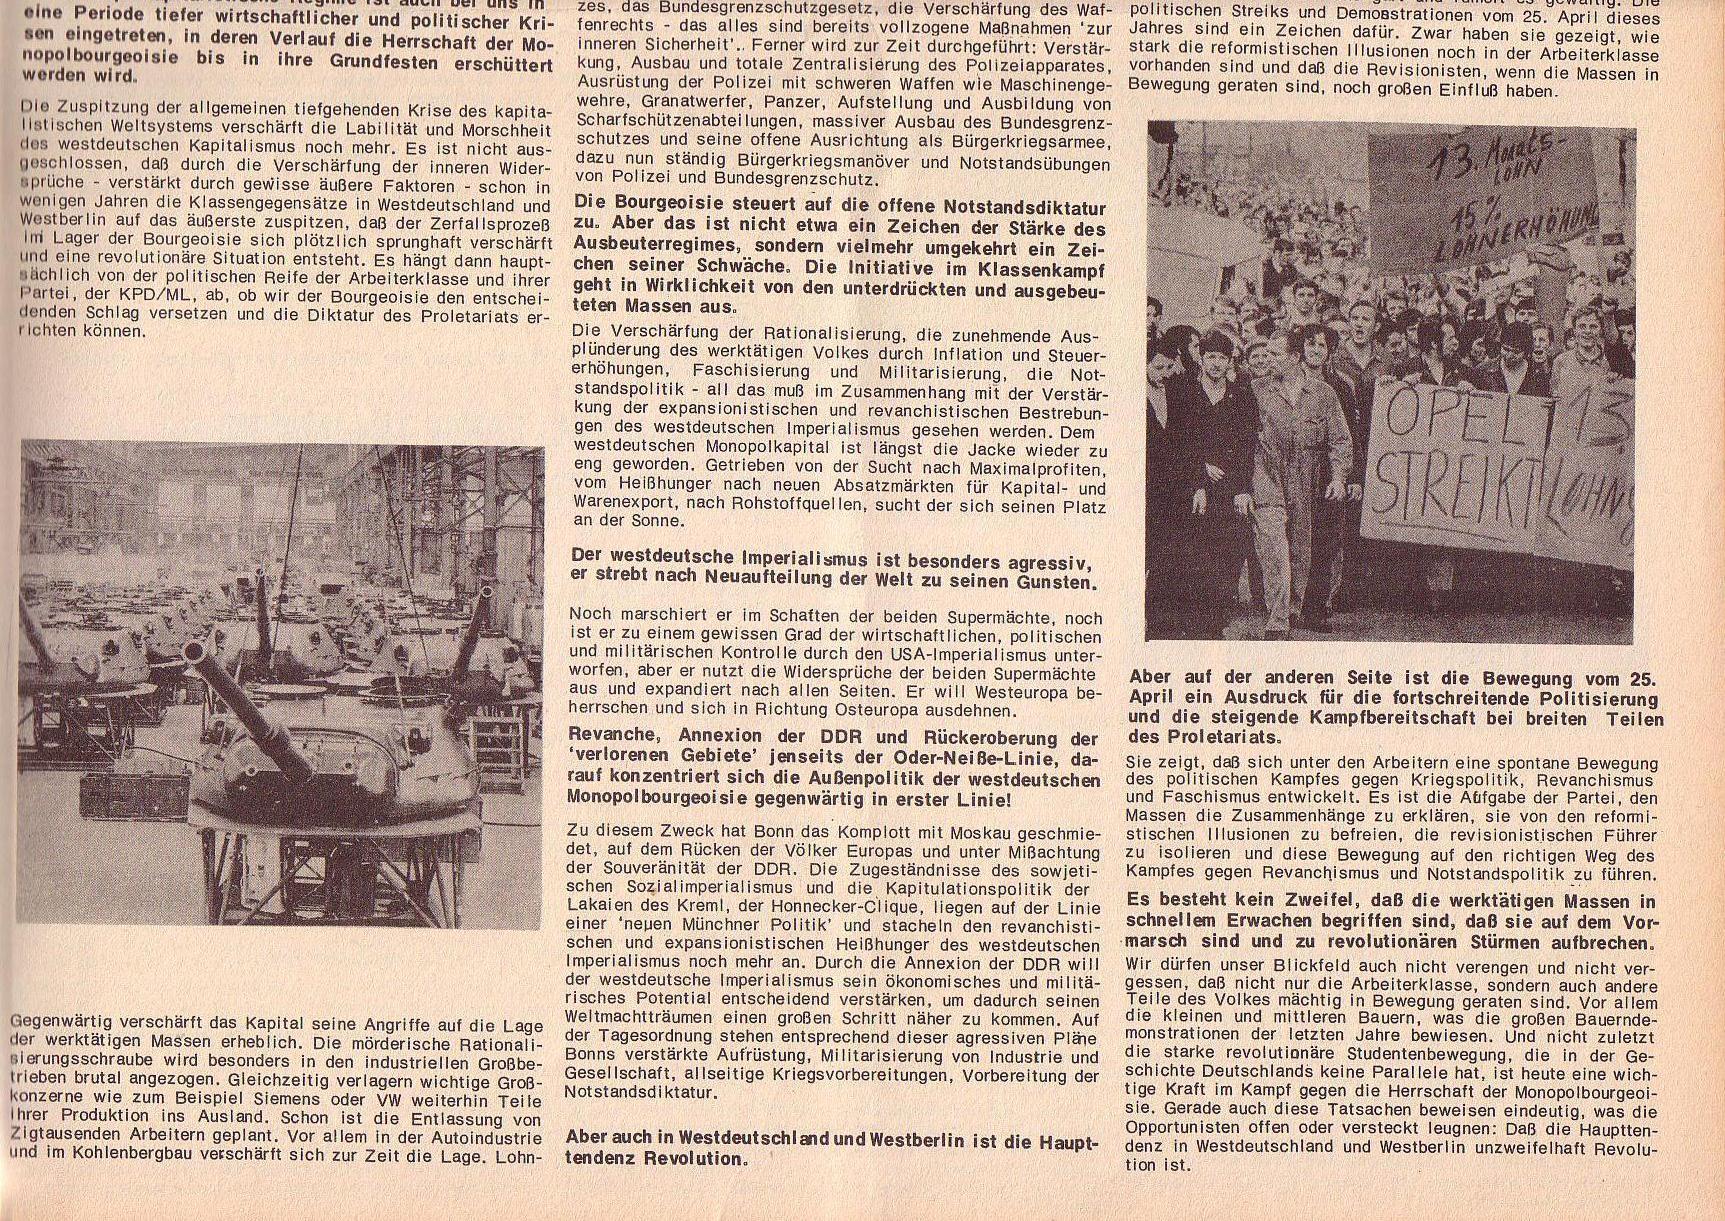 Roter Morgen, 6. Jg., Juli 1972, Sonderbeilage zum II. ordentlichen Parteitag, Seite 5b